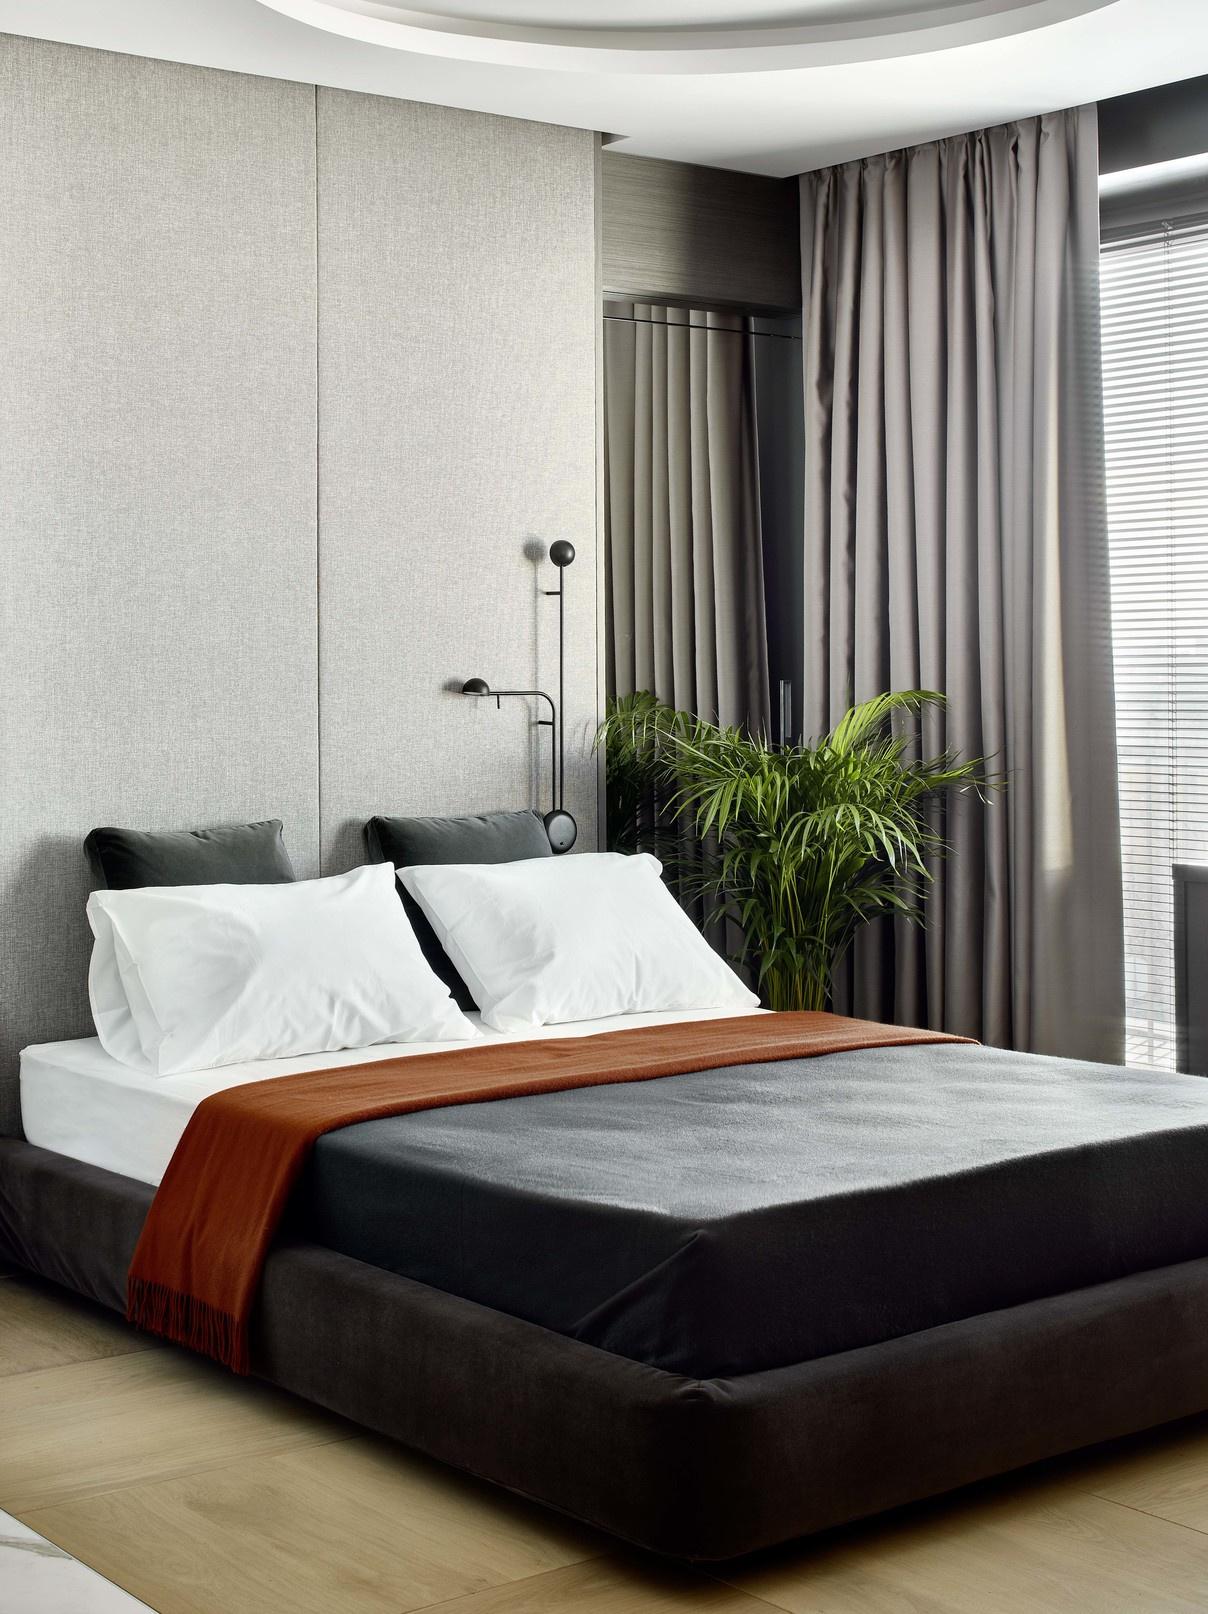 Текстильные панели в спальне: 10 примеров (галерея 0, фото 3)